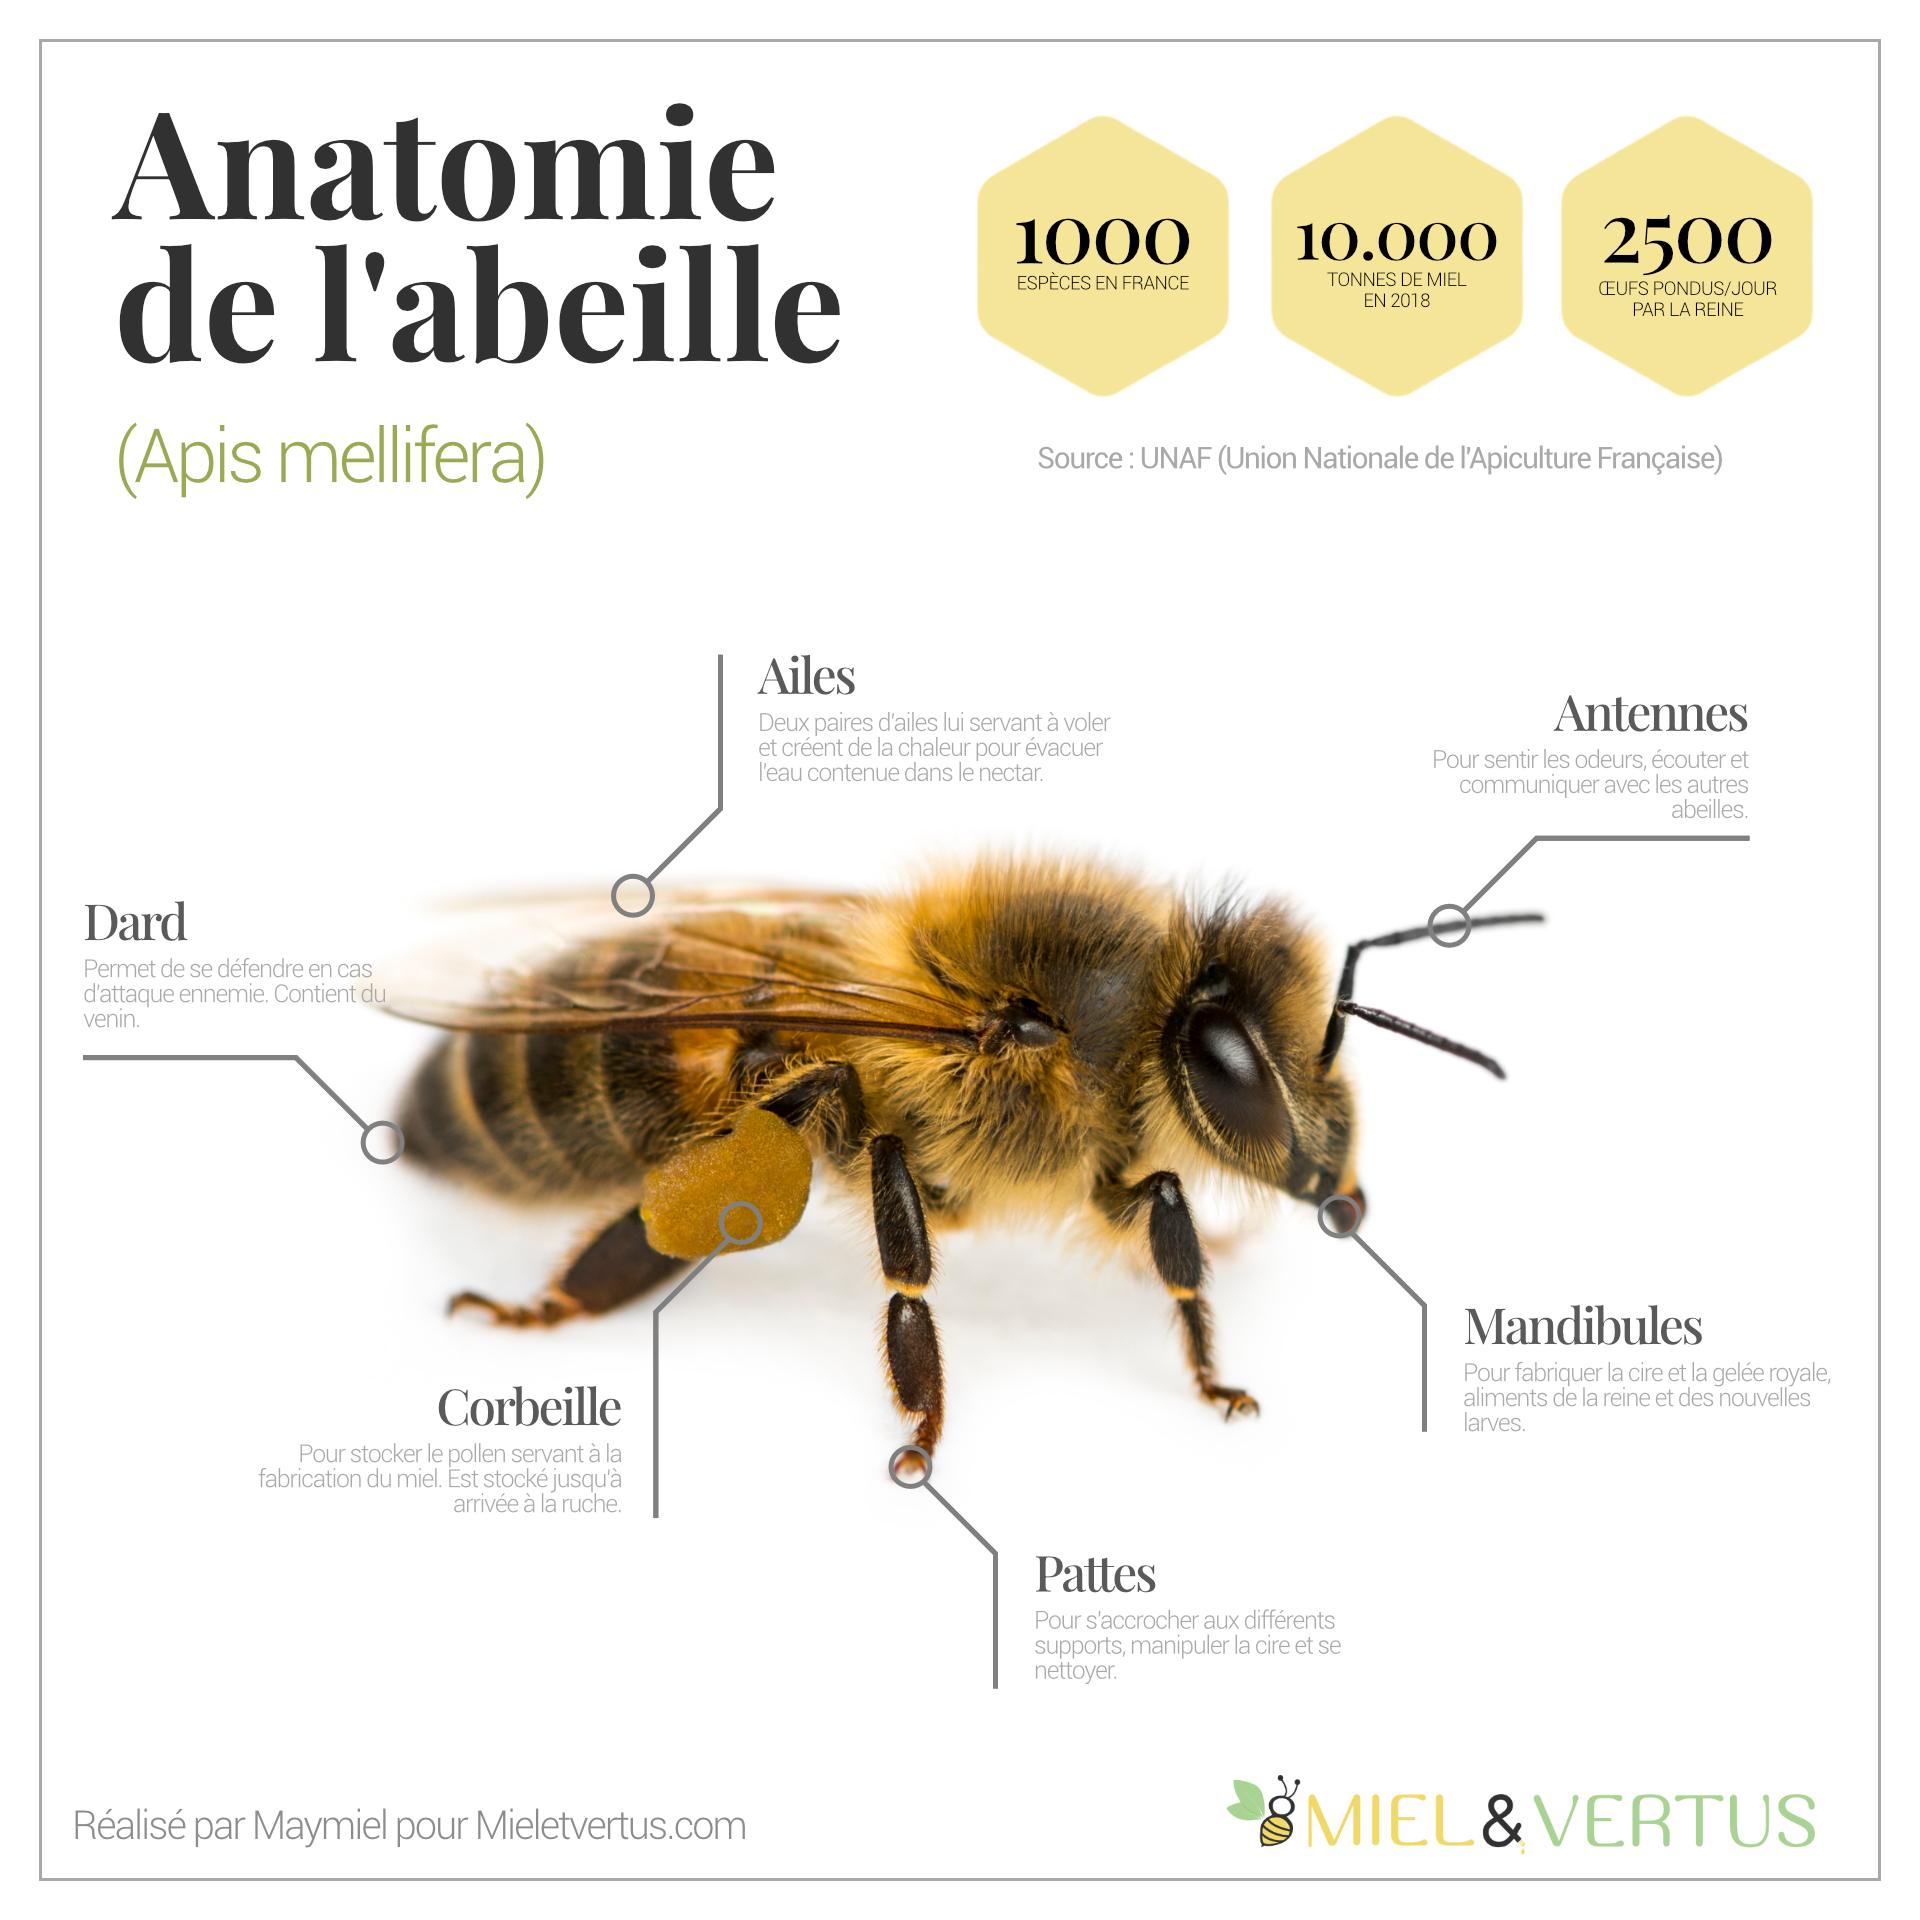 Anatomie abeille